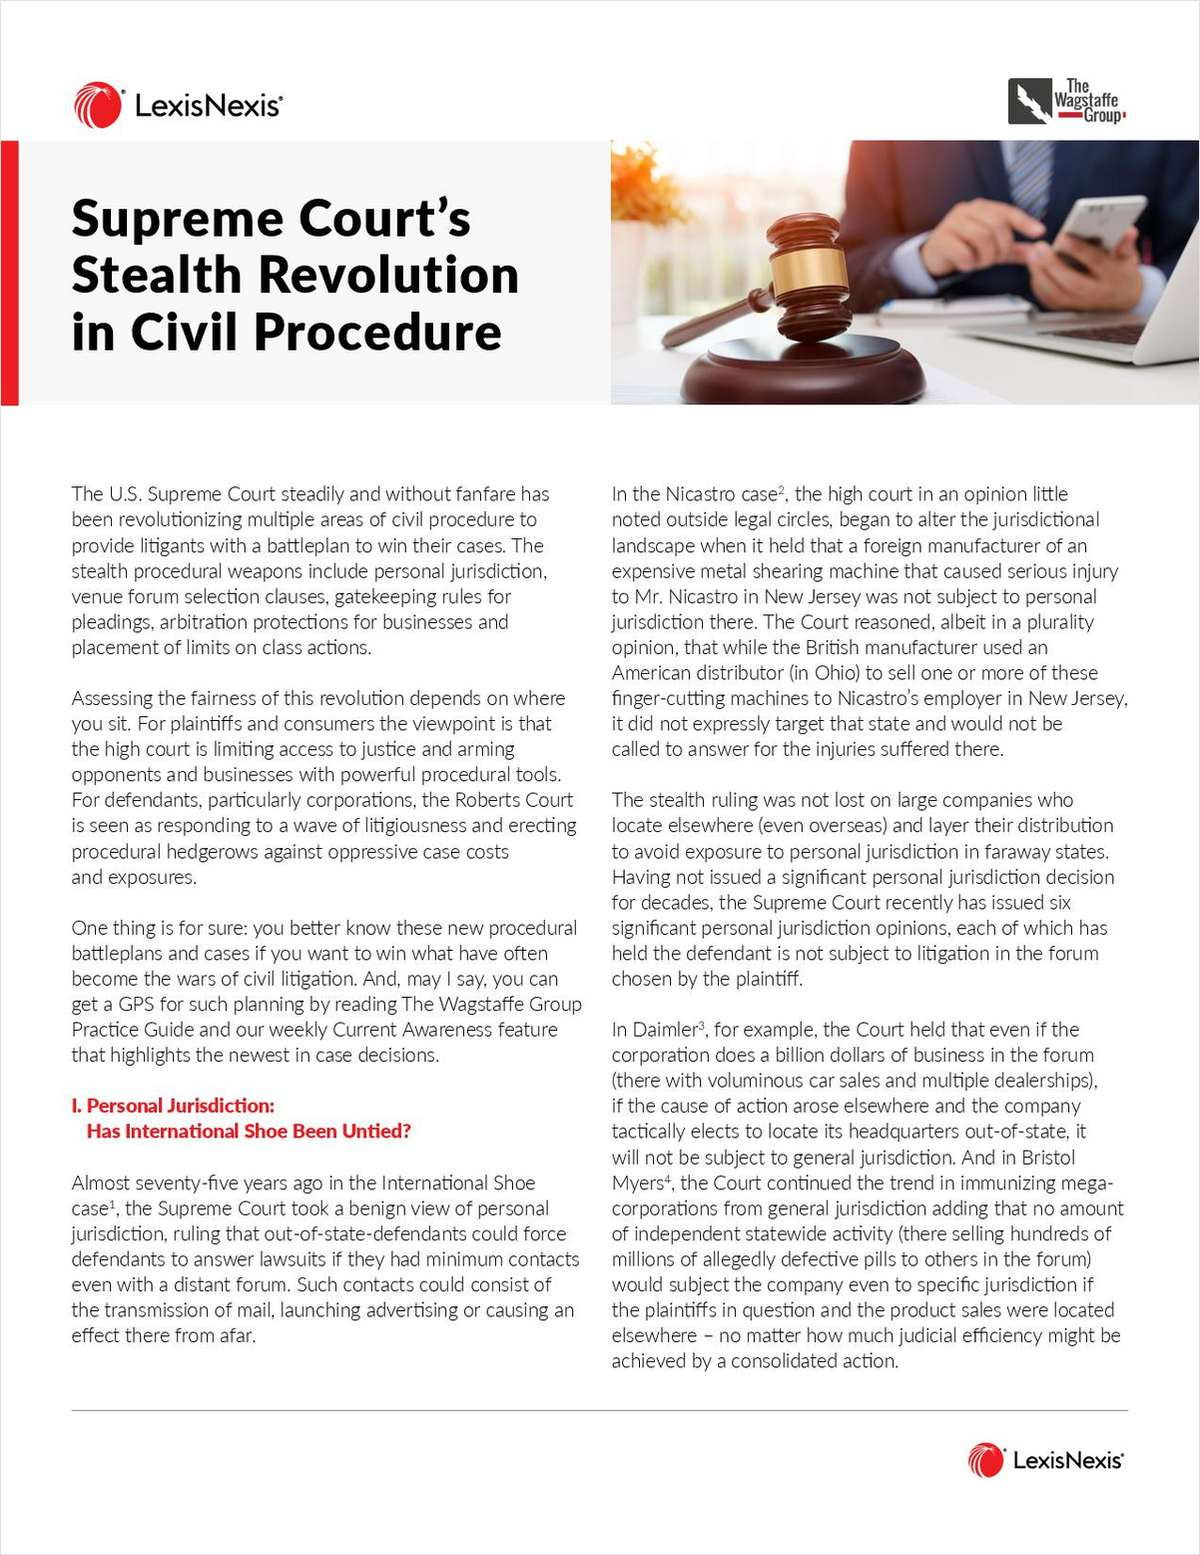 The Supreme Court's Stealth Revolution in Civil Procedure